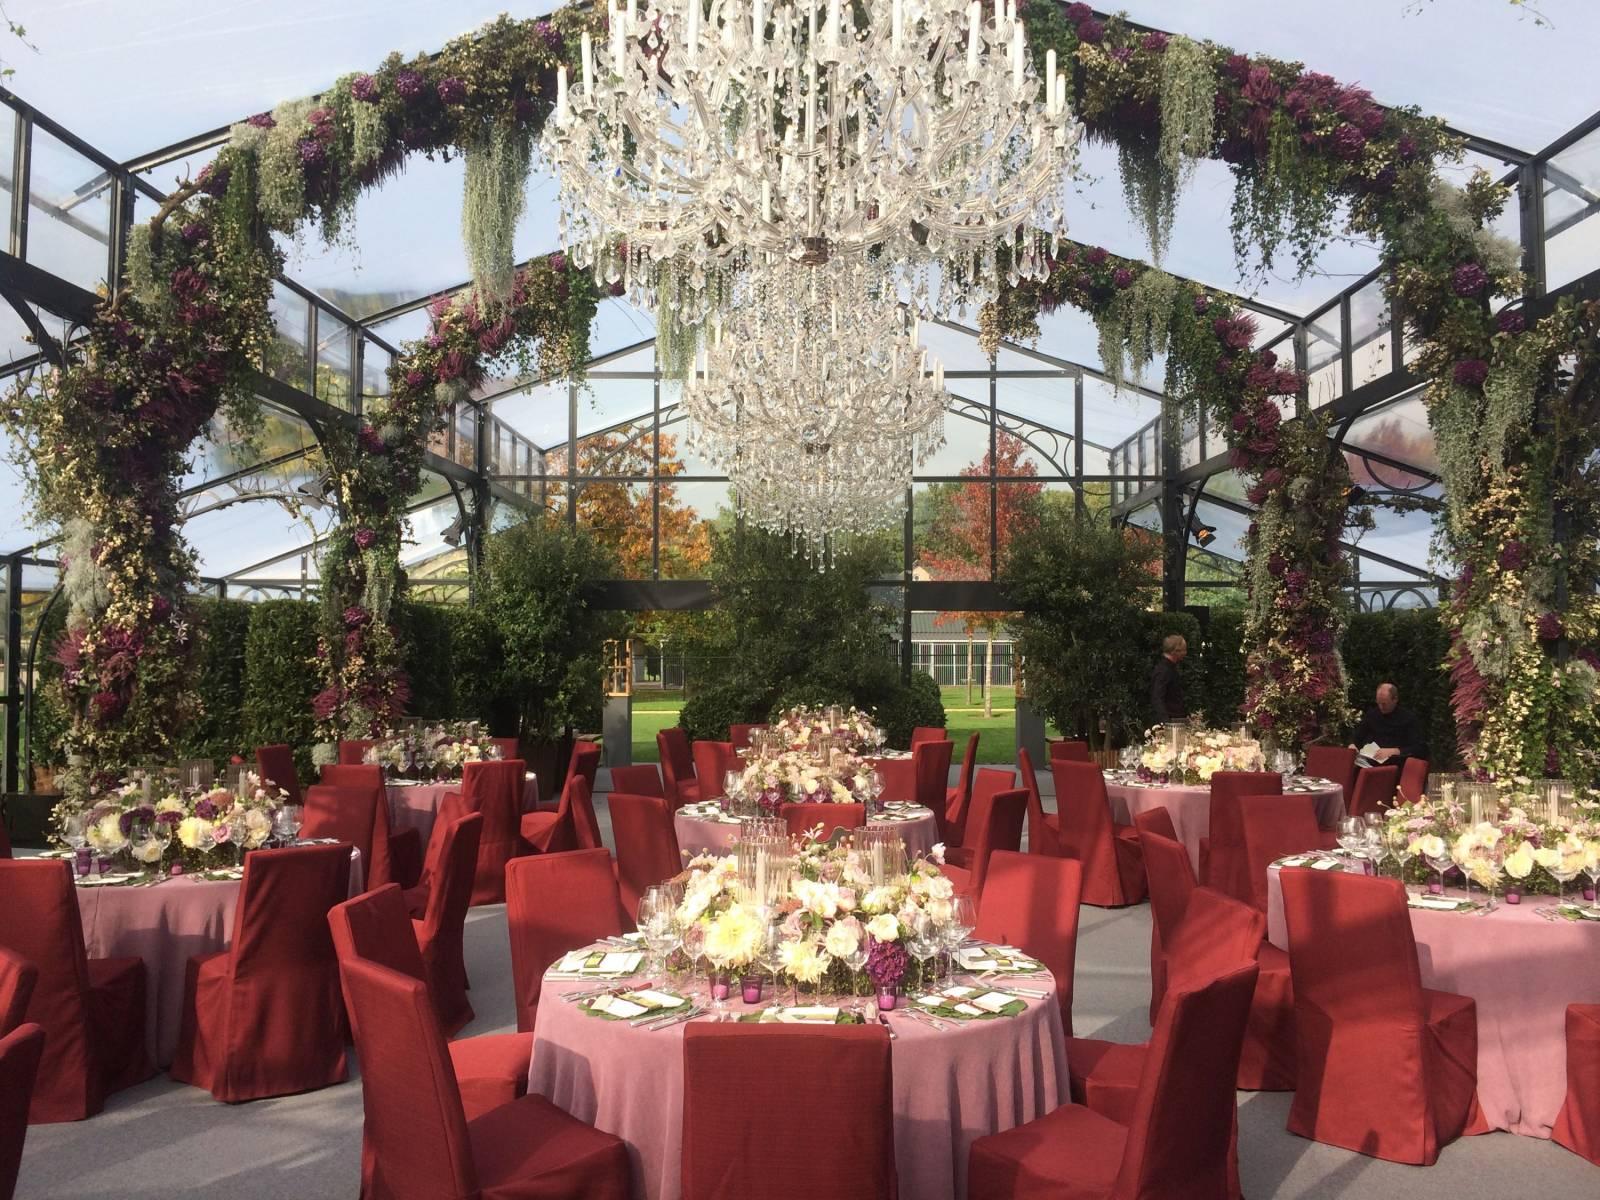 Paul Klunder - Bloemist - Bloemen Huwelijk - Huwelijksdecoratie met bloemen - Bruidsboeket - House of Weddings - 6